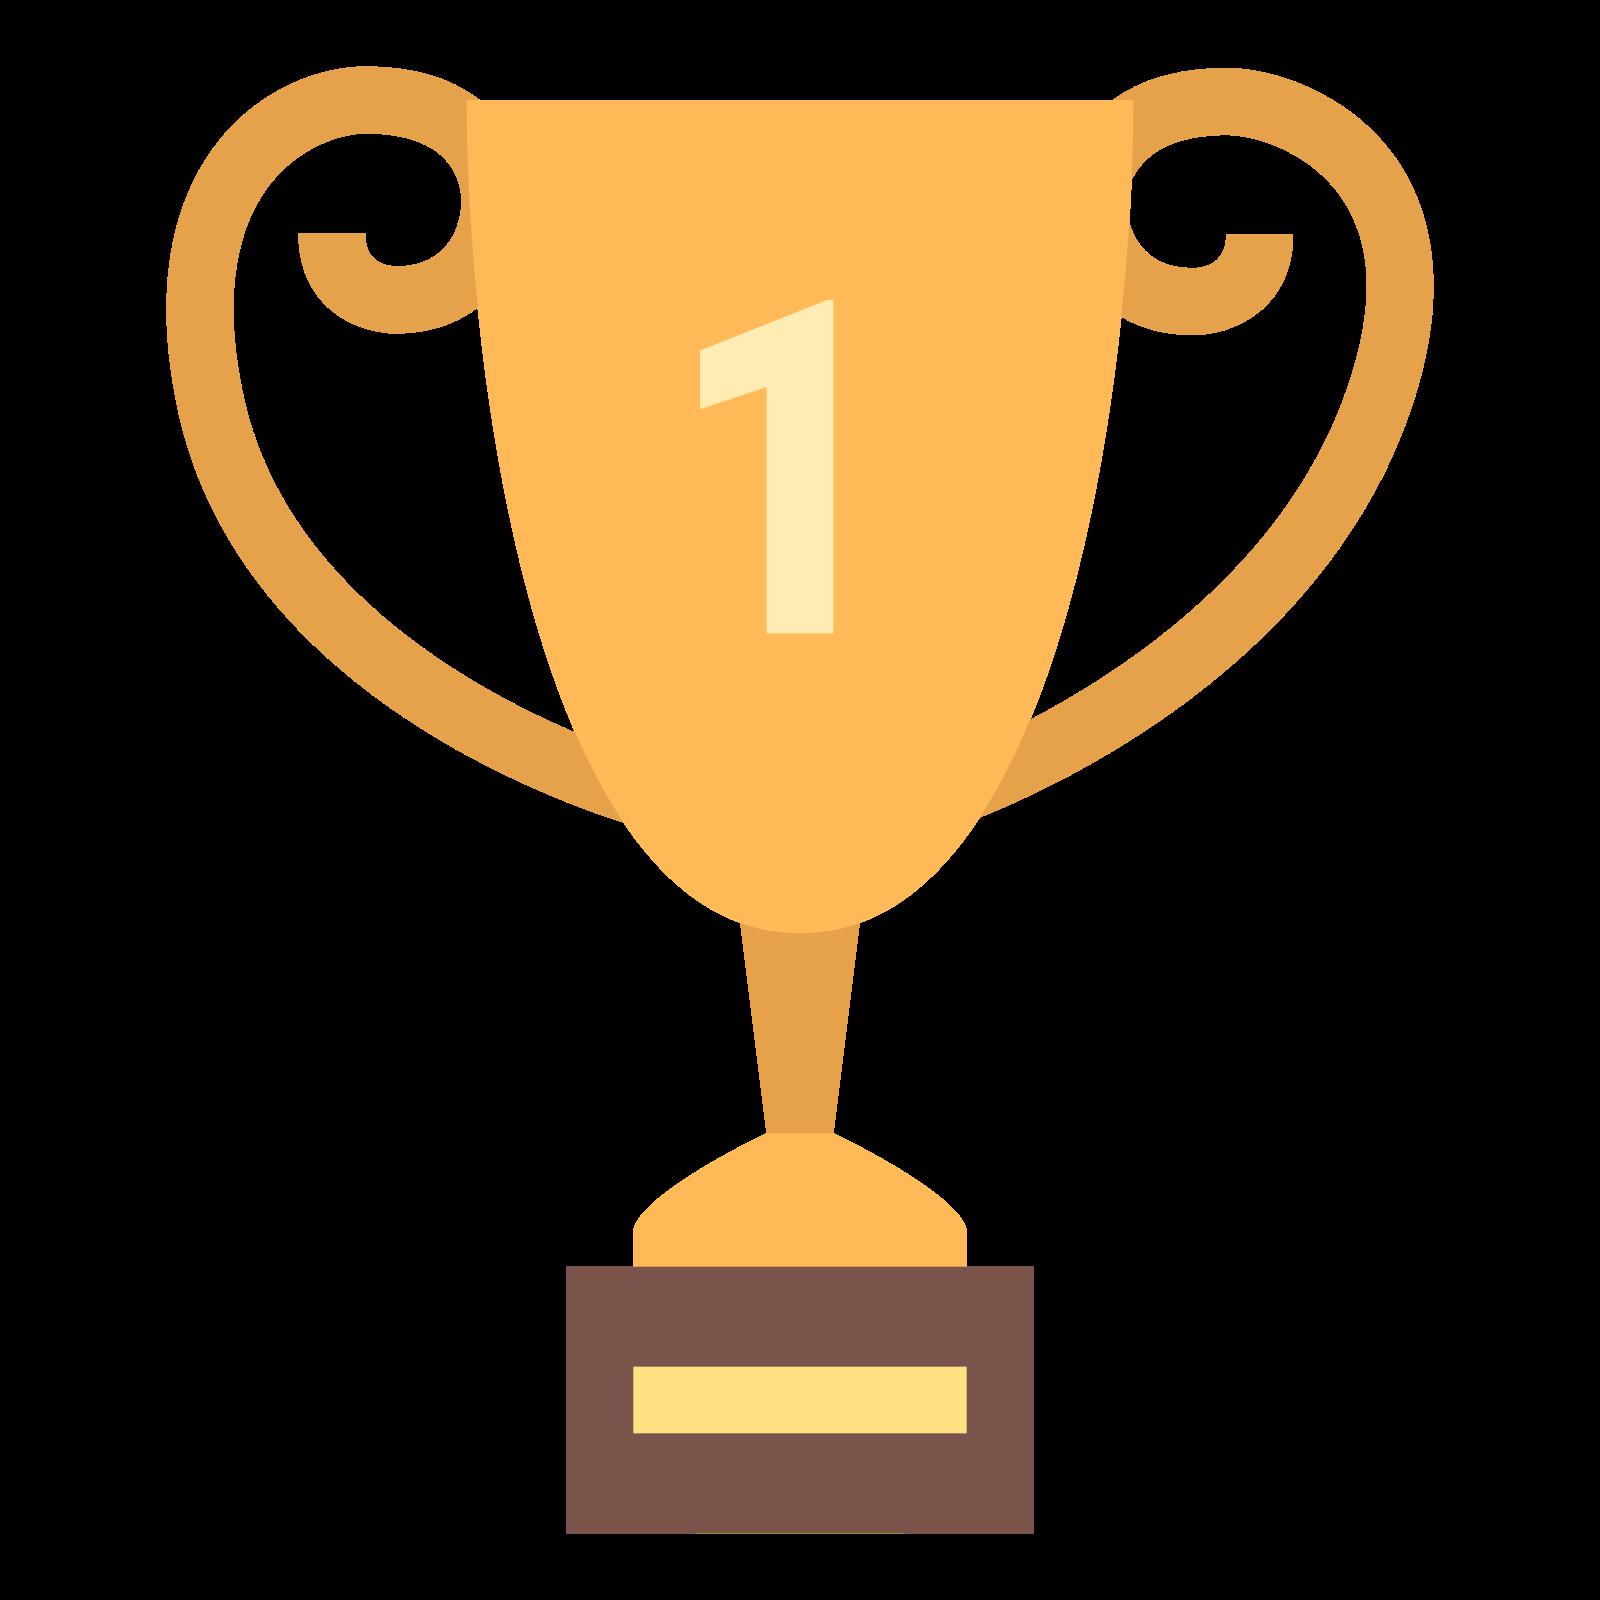 奖杯 icon. It's a goblet-like object with two handles (one on each side) and a small base. The number 1 is bold and centered on it. The main part of the trophy itself is shaped like the lower half of an elongated egg.